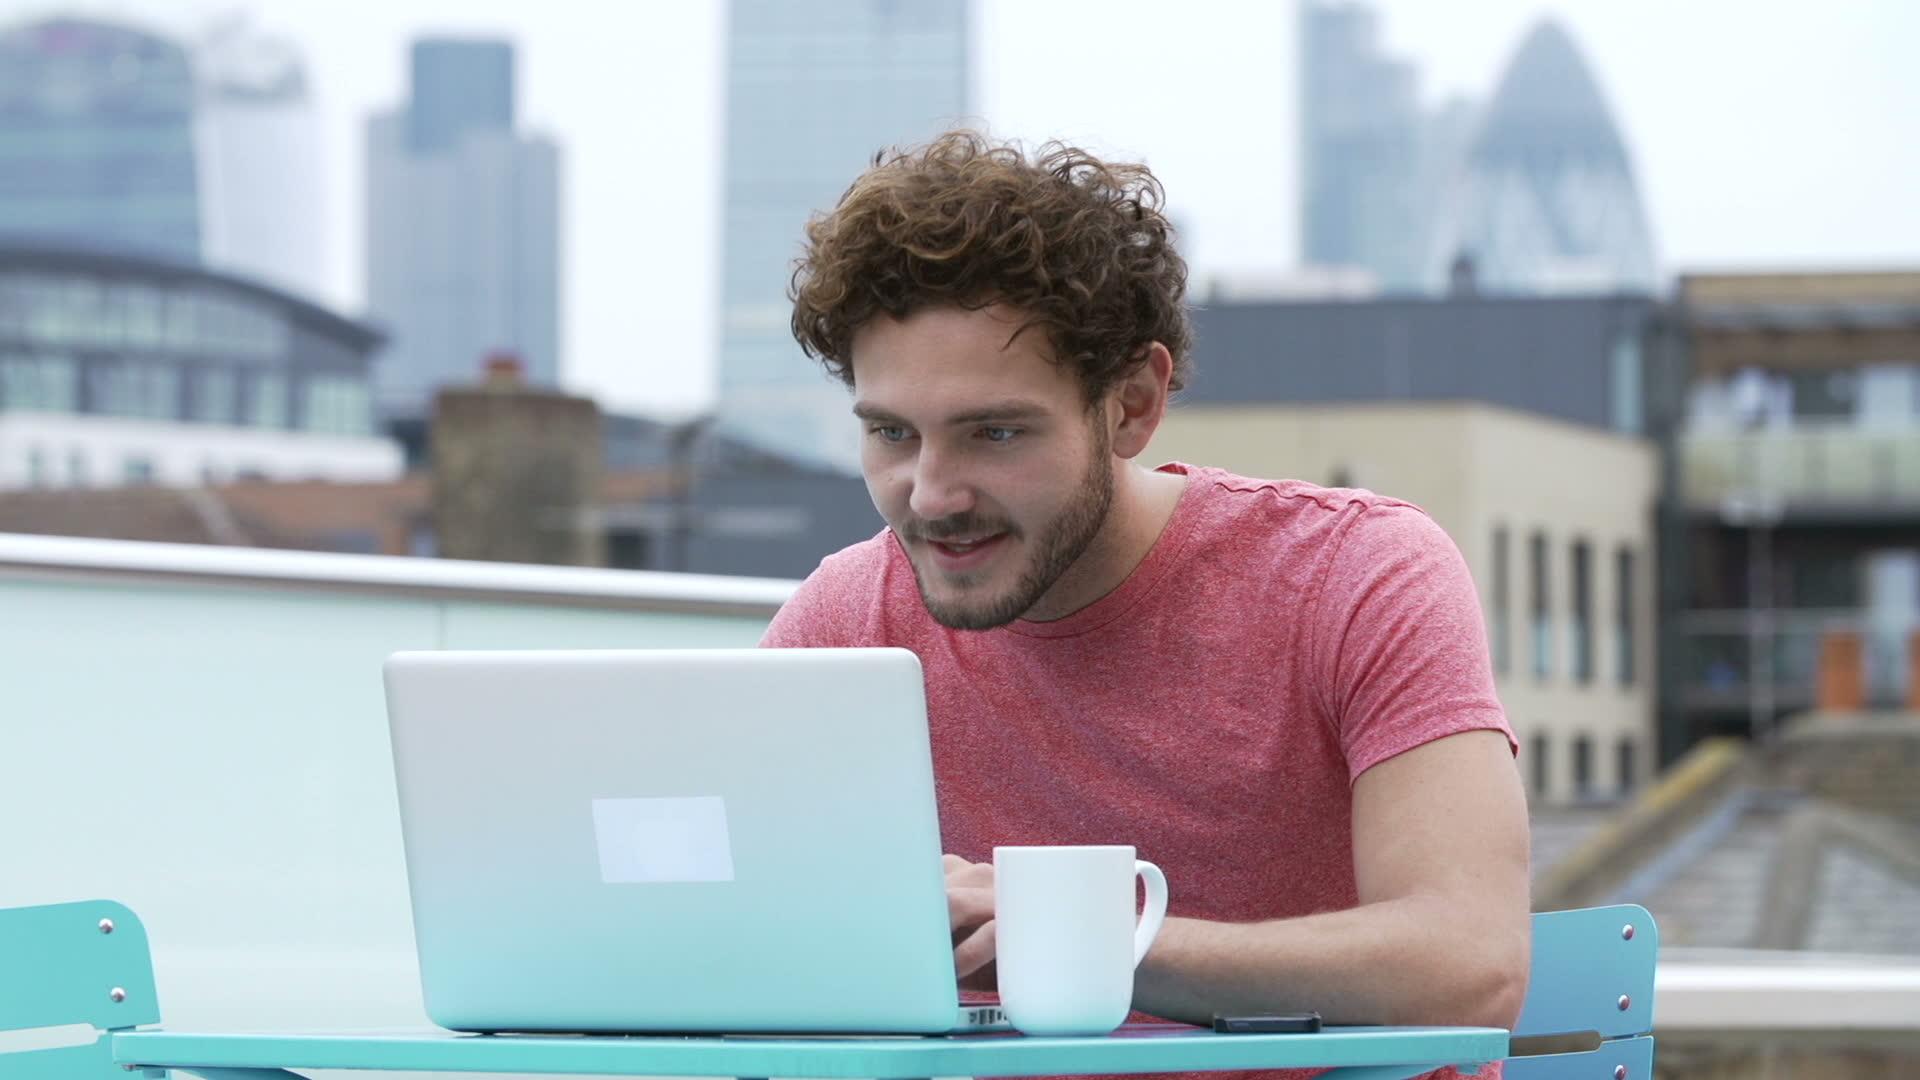 chat gratis online senza registrazione i migliori siti porno gratis italiani